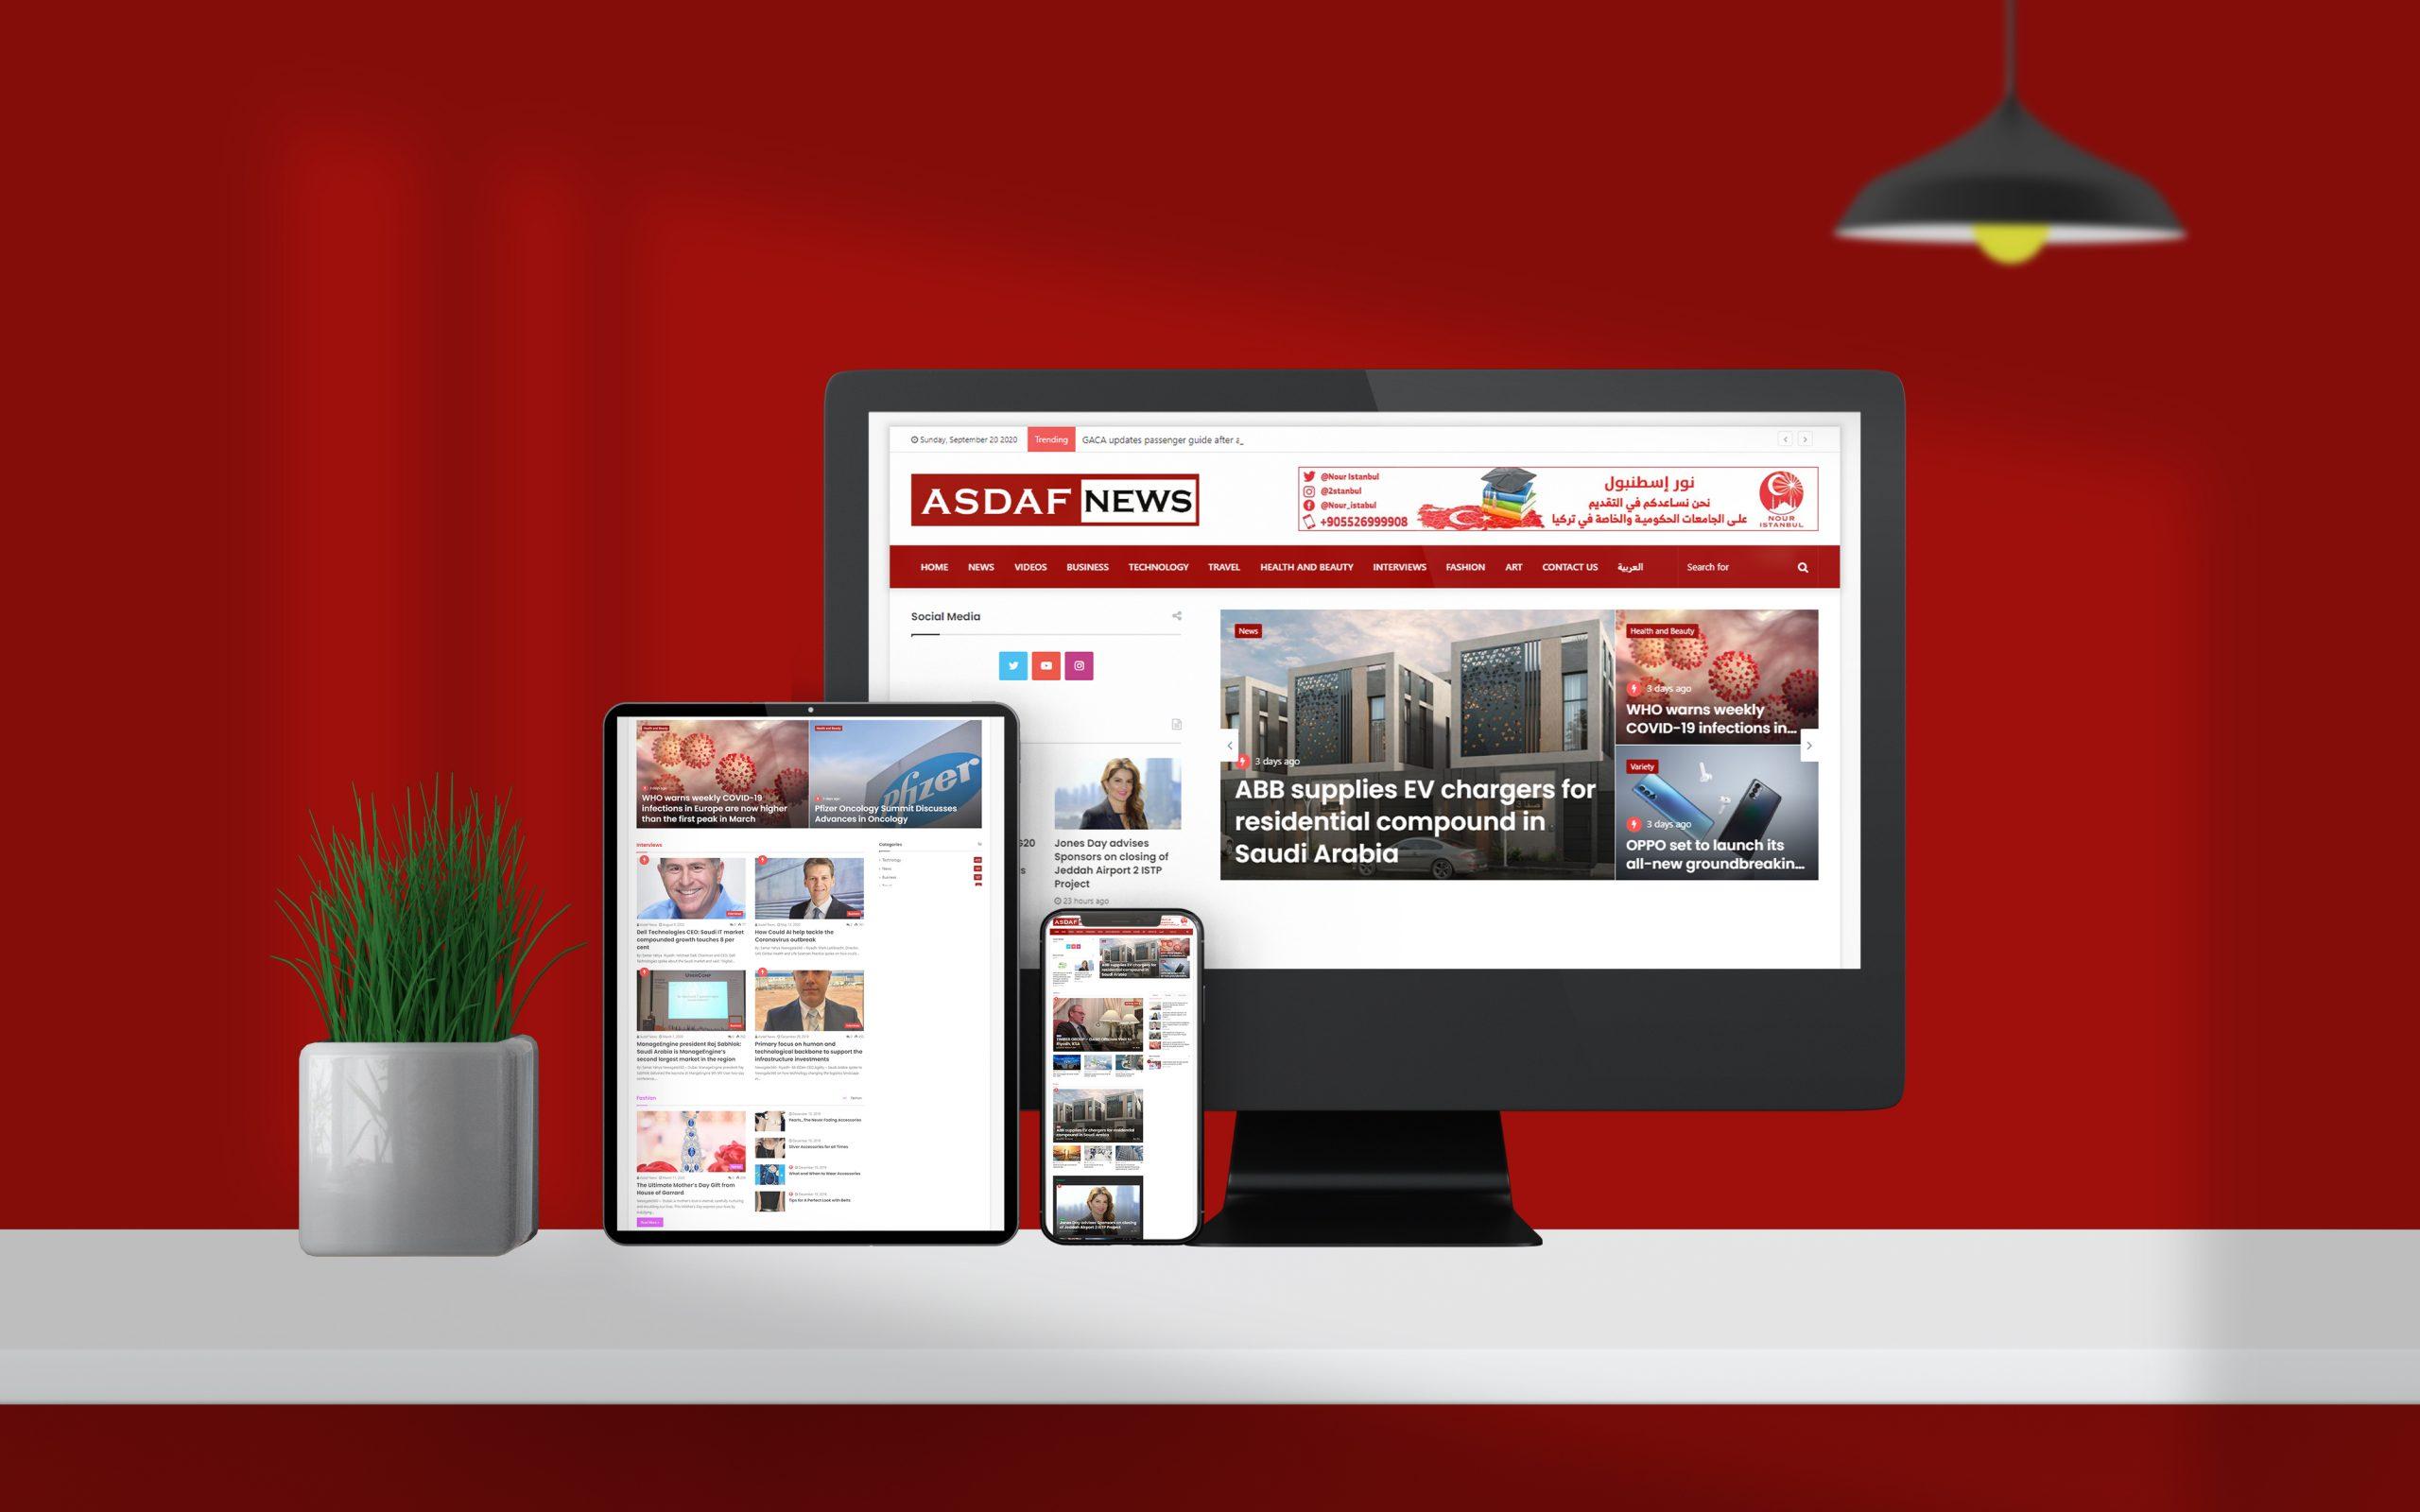 موقع newsgate360